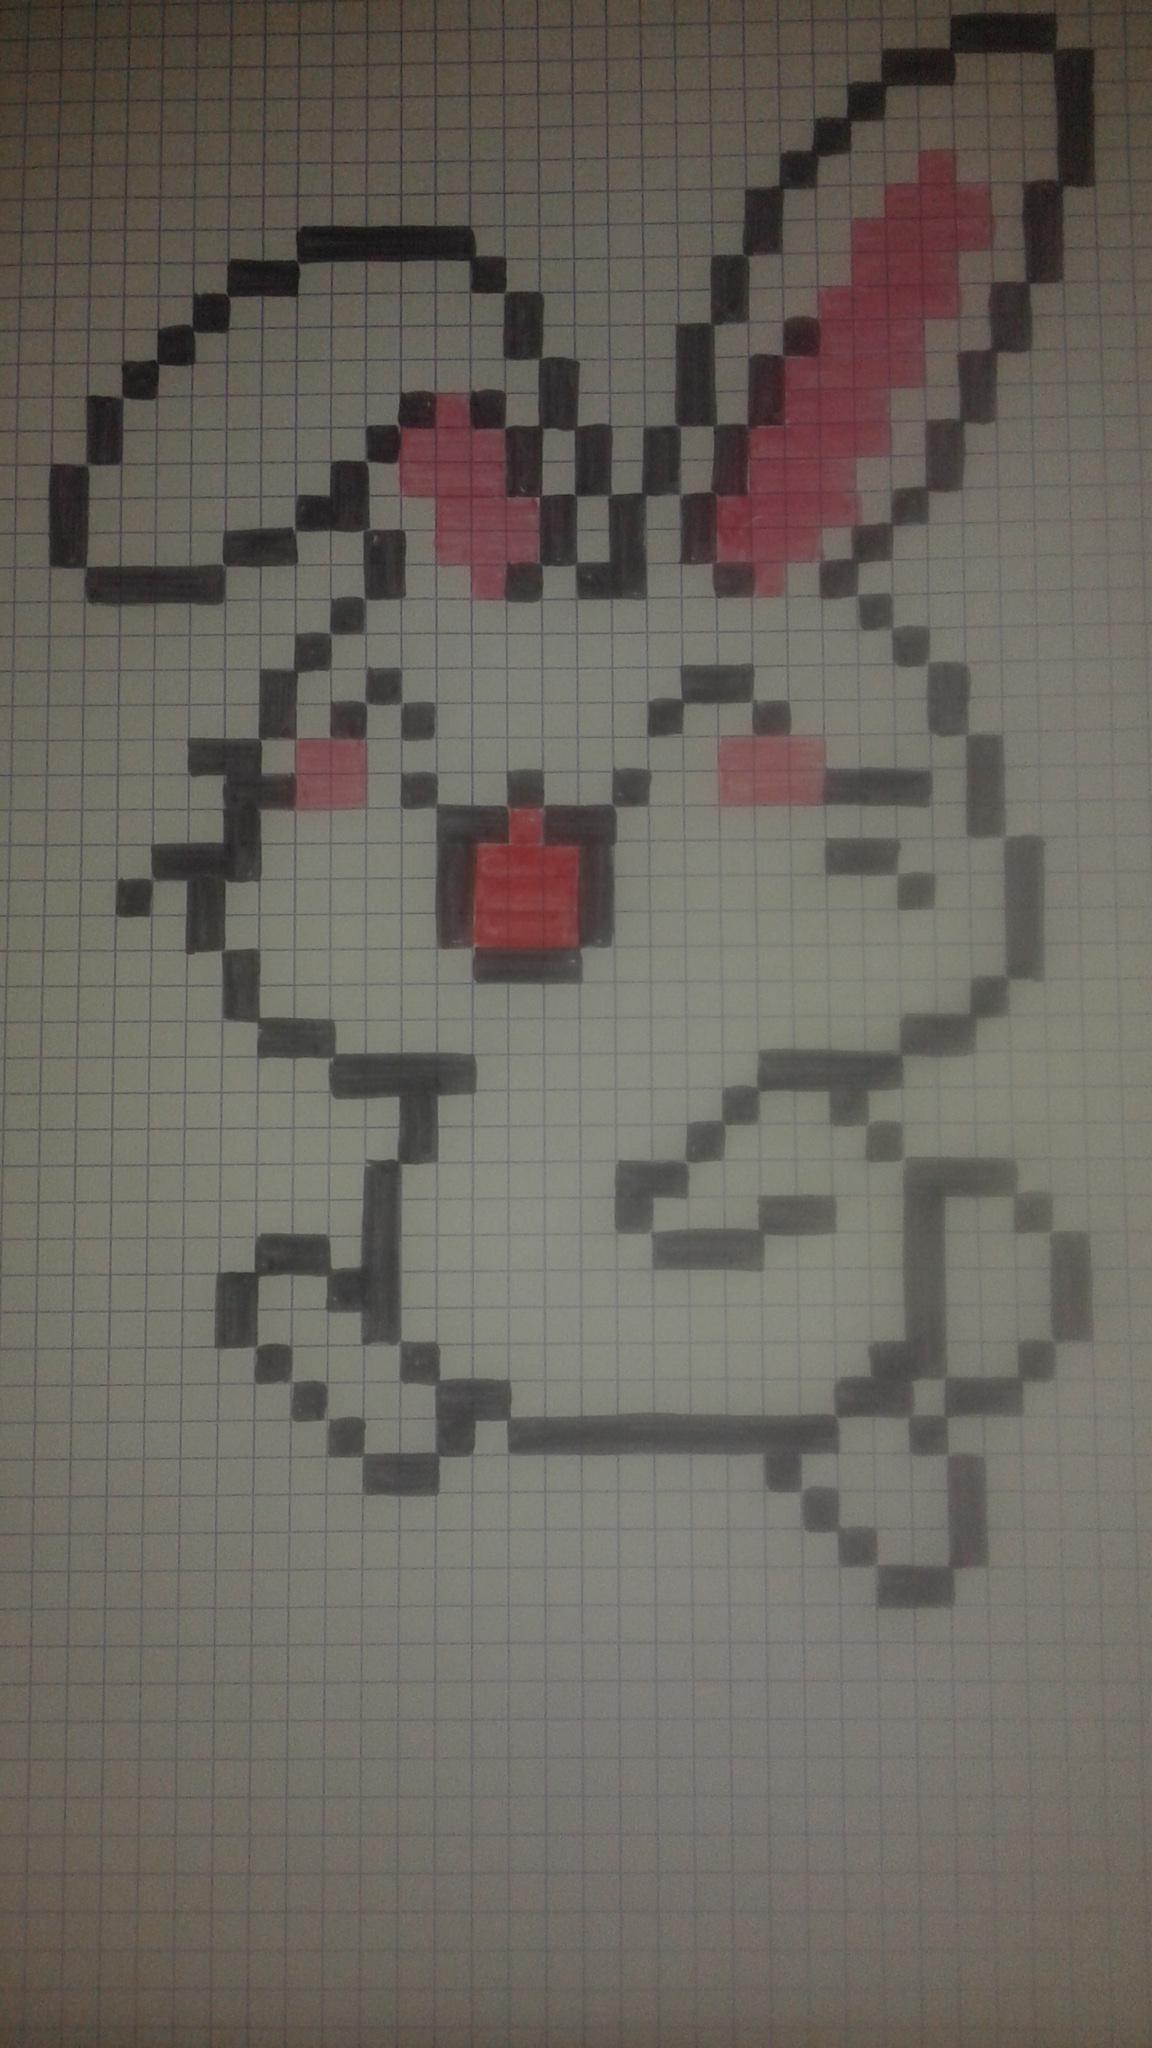 Pixel Art Page 17